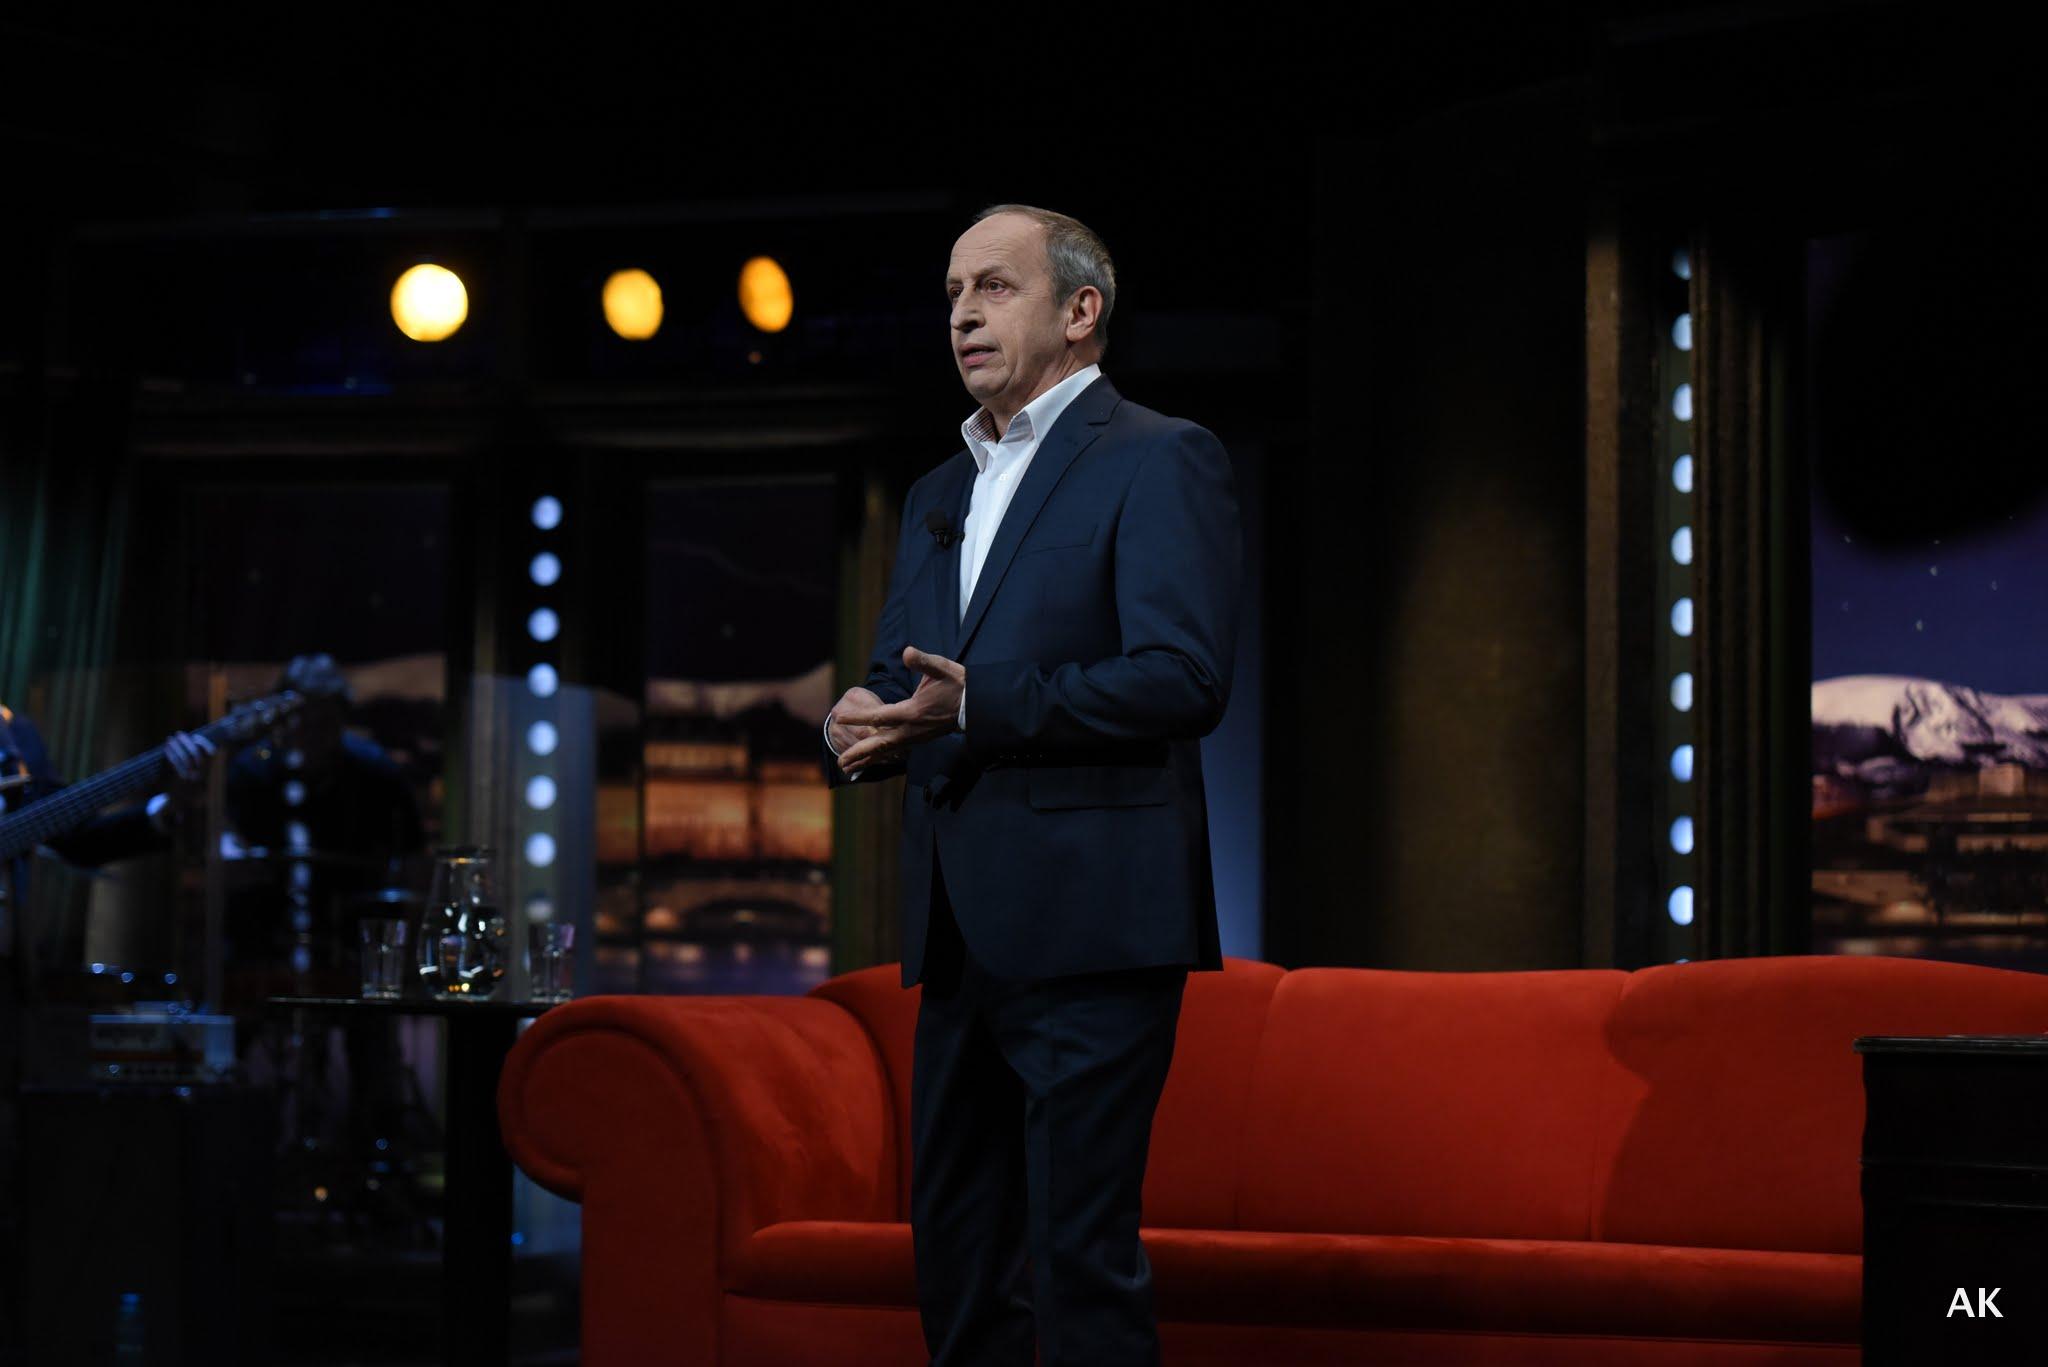 Hostitel Jan Kraus v úvodu SJK 20. 4. 2016 – Snímek z veřejného natáčení pořadu Show Jana Krause v Praze.